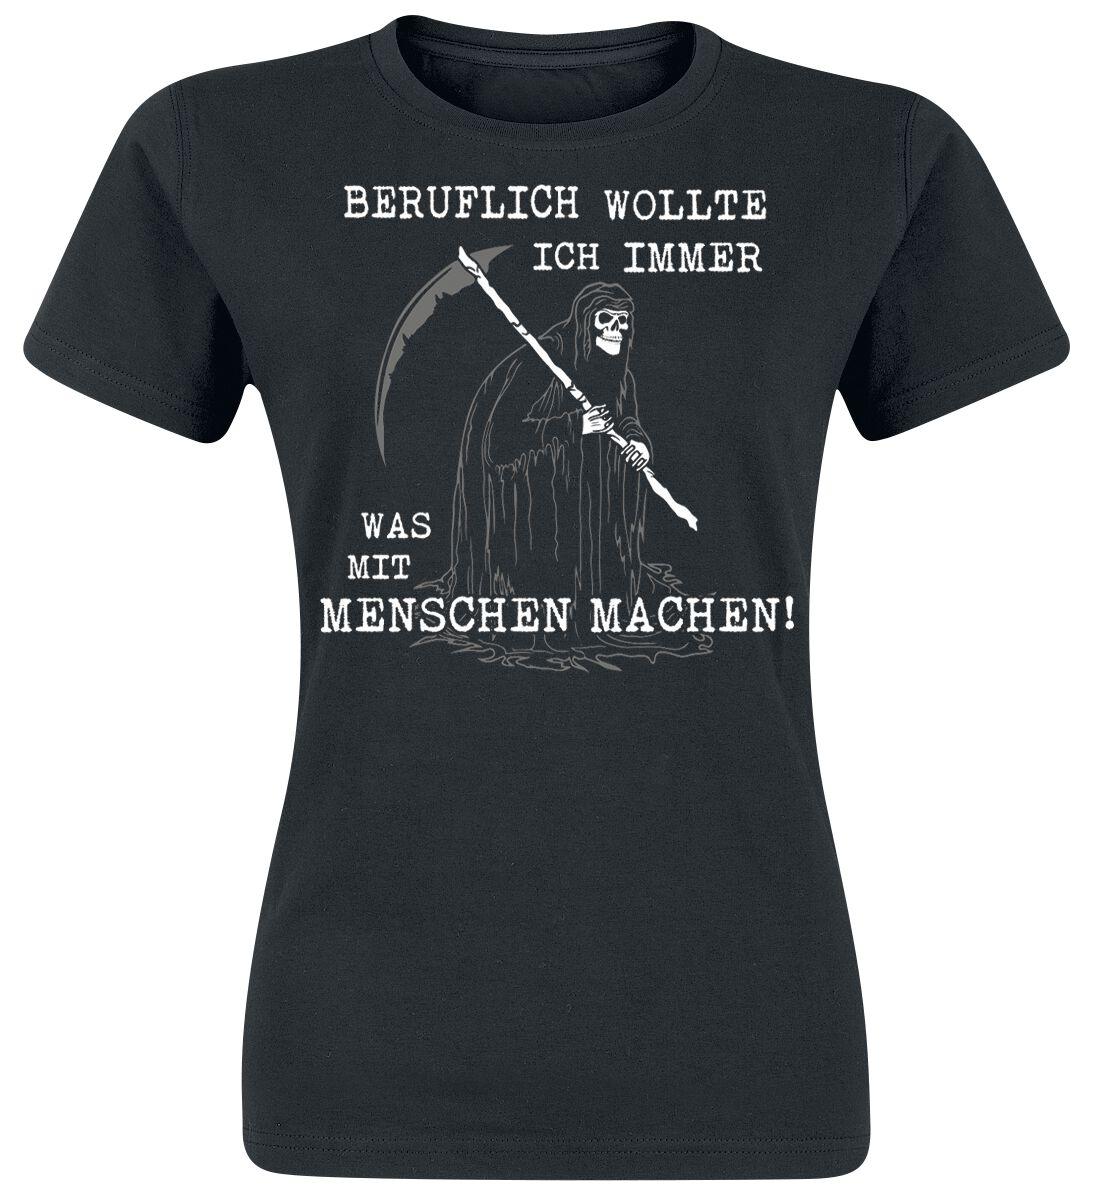 Beruf und Karriere Beruflich T-Shirt schwarz 3107GS beruflich